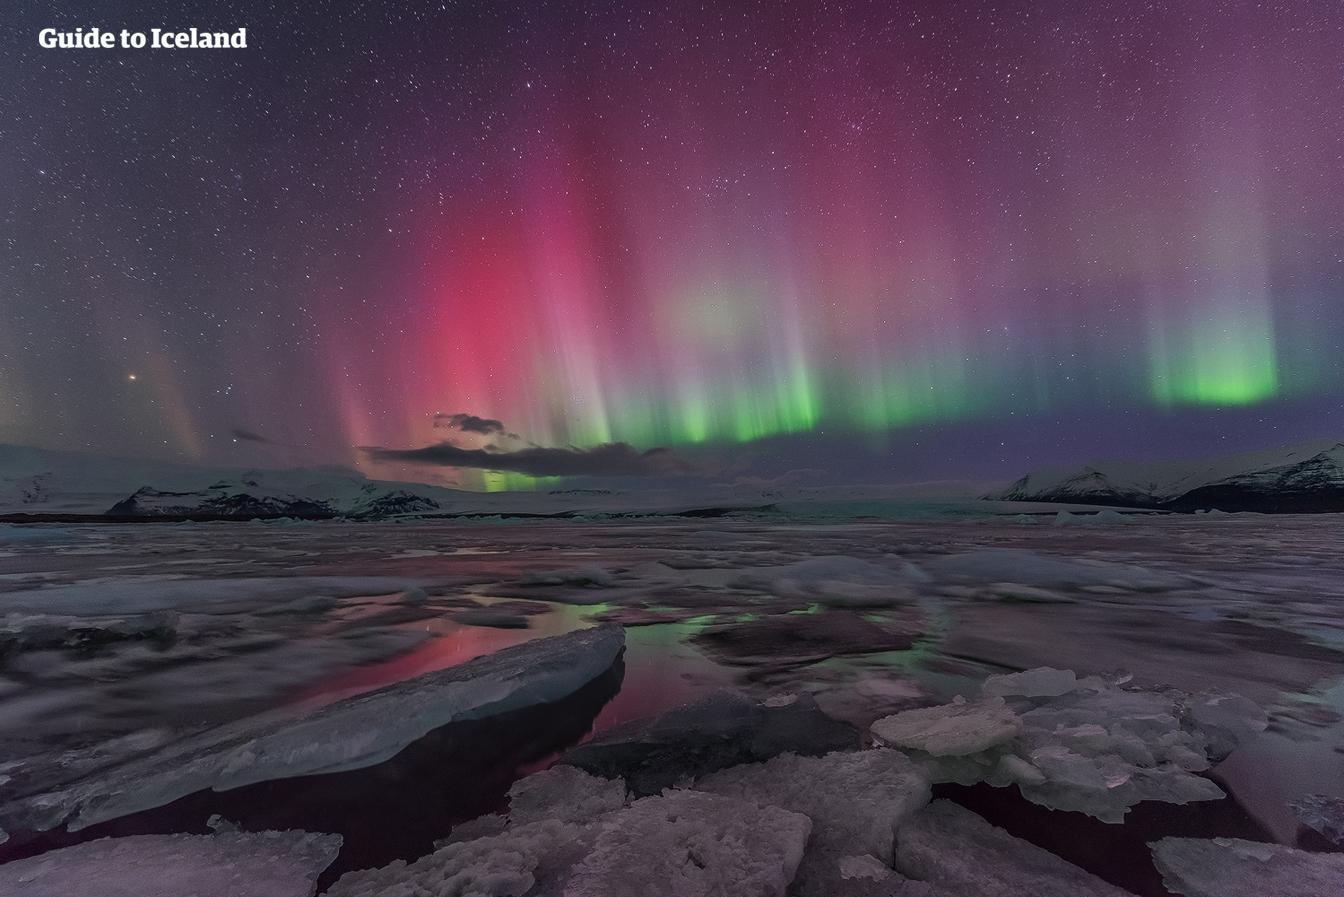 杰古沙龙冰河湖的面积在十五年内增大了一倍,而空中舞动的北极光更加阔远。